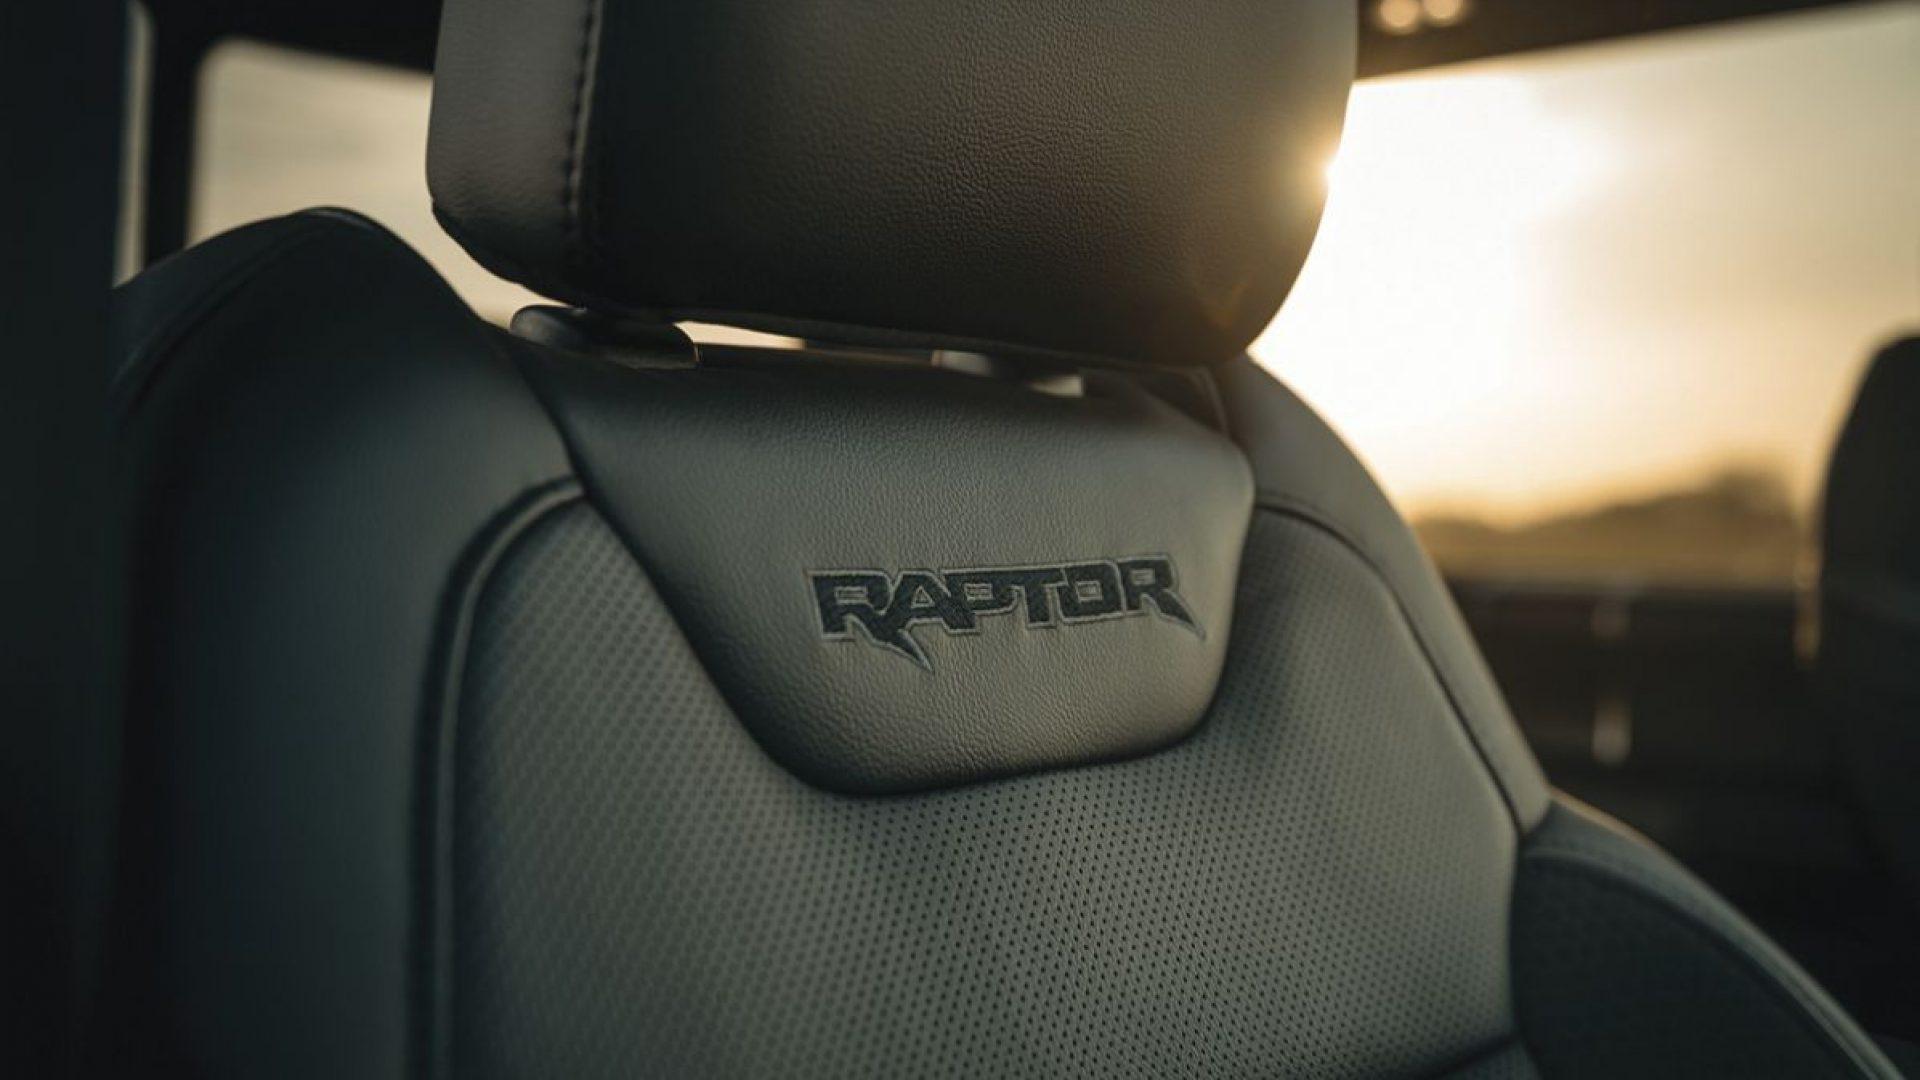 Raptor_f150_014